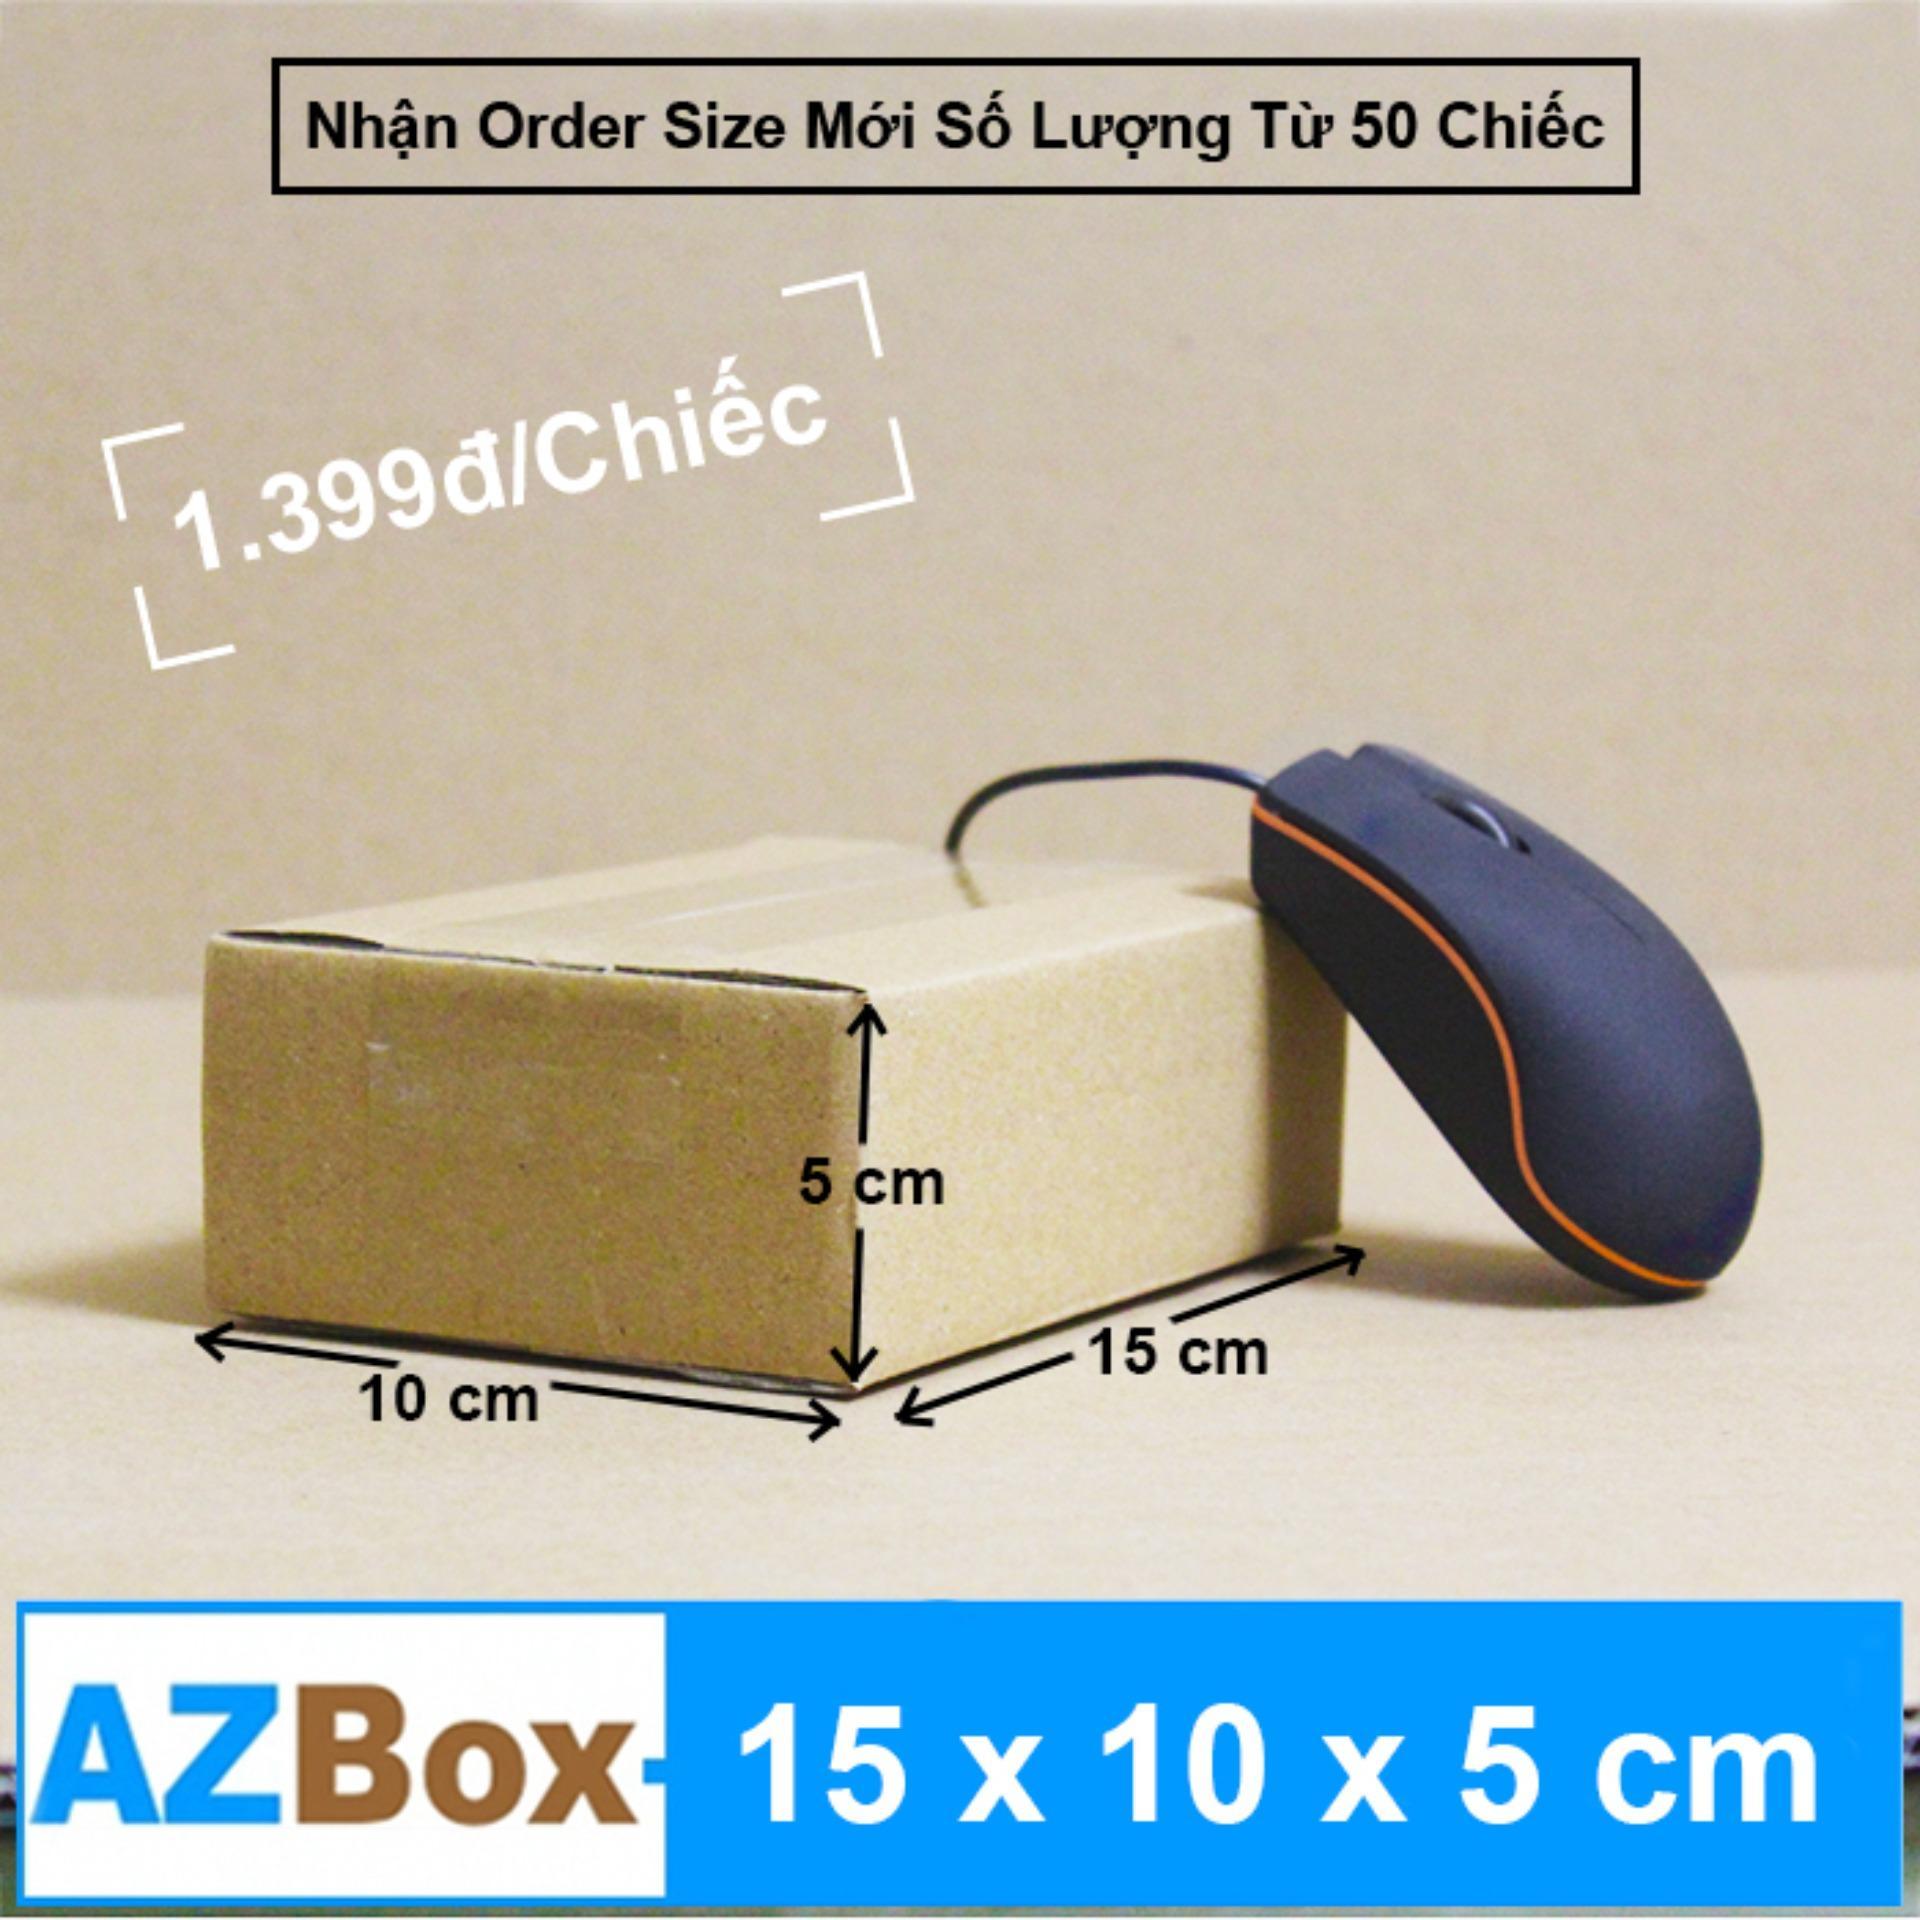 Mua 15X10X5 Bộ 300 Hộp Carton Azbox Az002 Rẻ Trong Hà Nội